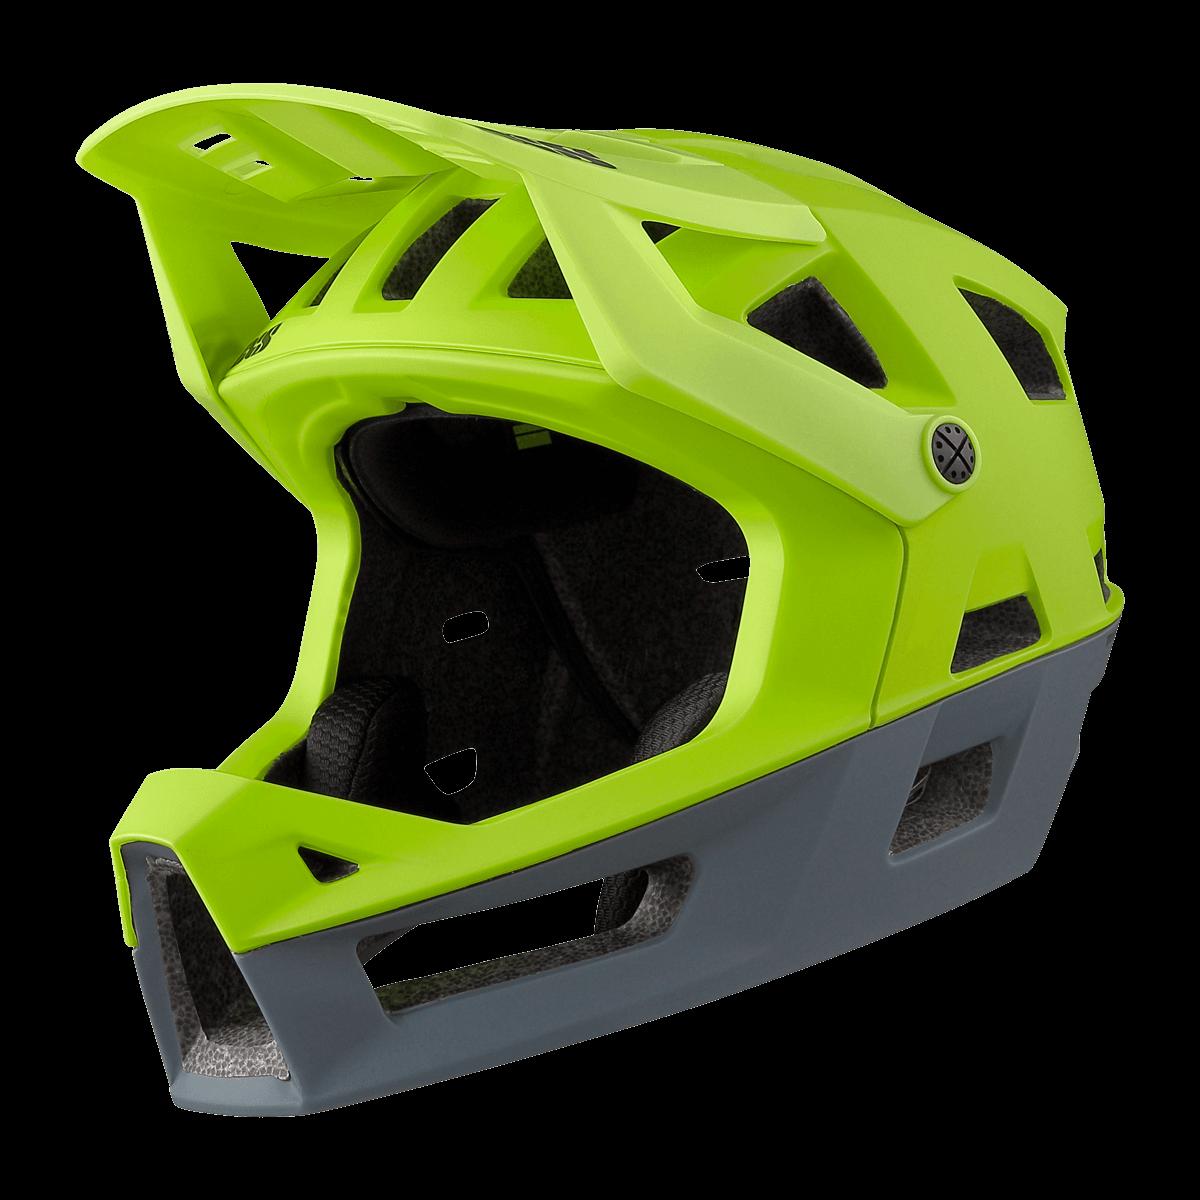 iXS integrální helma Trigger FF Lime vel. ML (58-62cm)